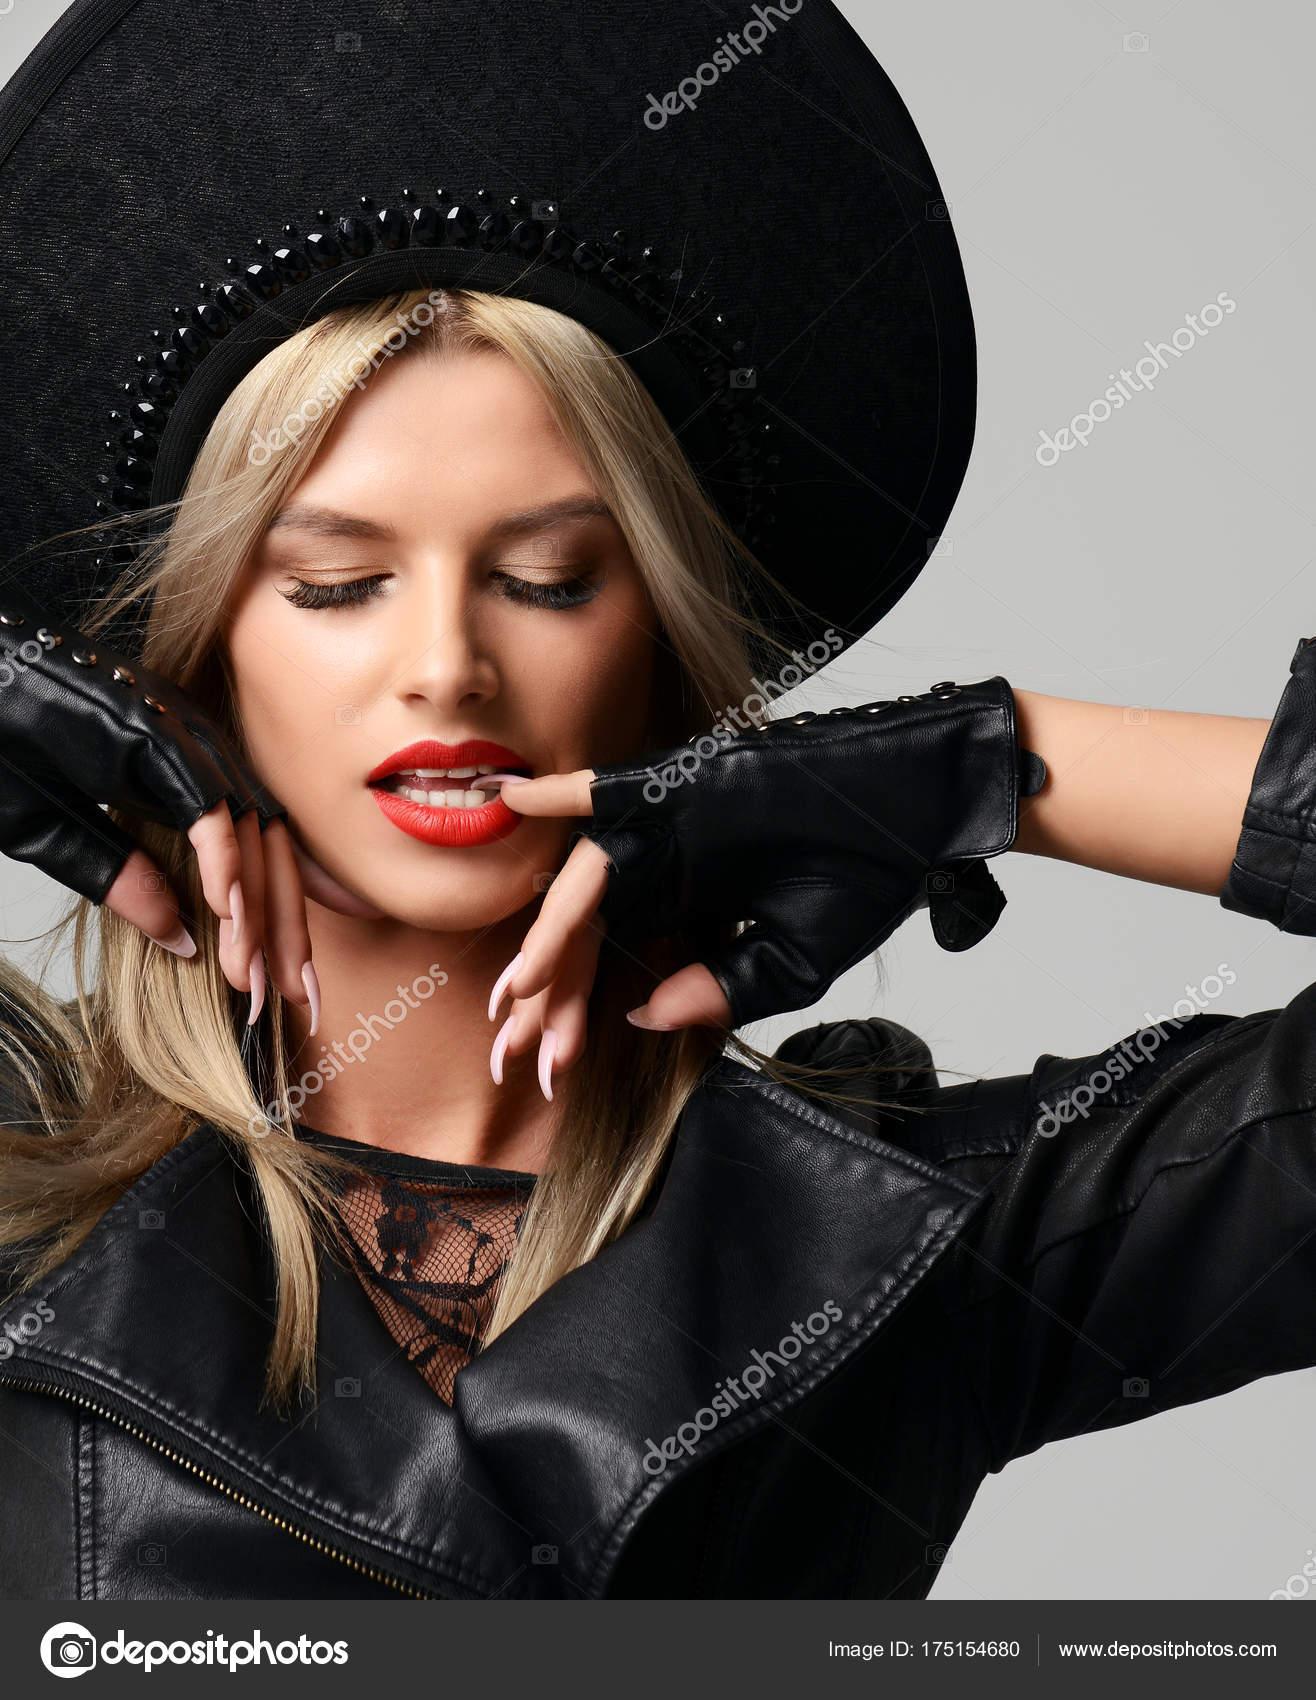 c0eccb430556 Πορτρέτο της υψηλής μόδας γοητείας ρωσική γυναίκα όμορφη ξανθιά μαλλιά σε  μοντέρνο καπέλο σε μαύρο δερμάτινα γάντια και σακάκι φόντο — Εικόνα από ...